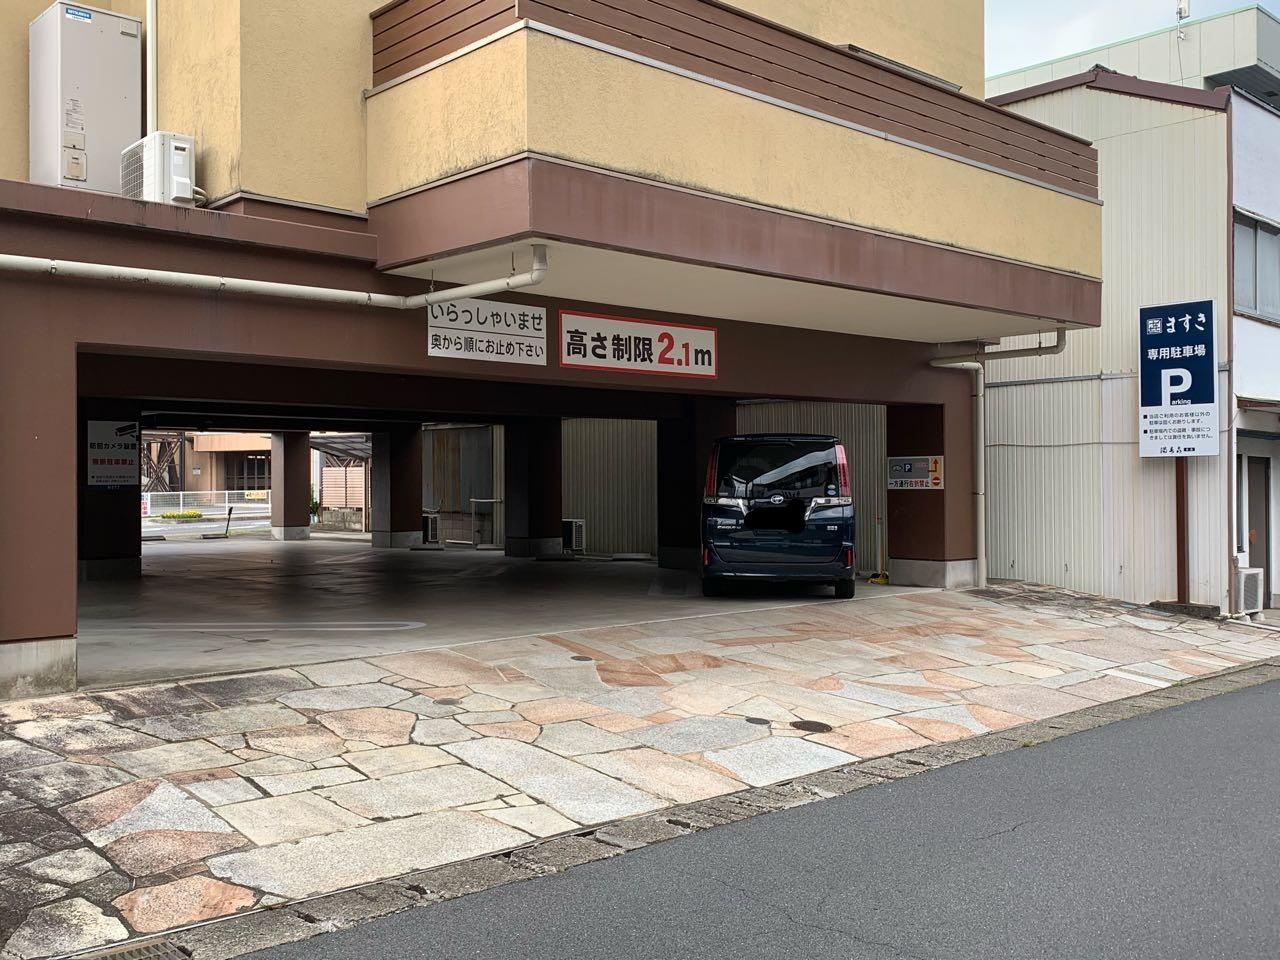 恵那 駅前 和洋亭 ますき 第2駐車場